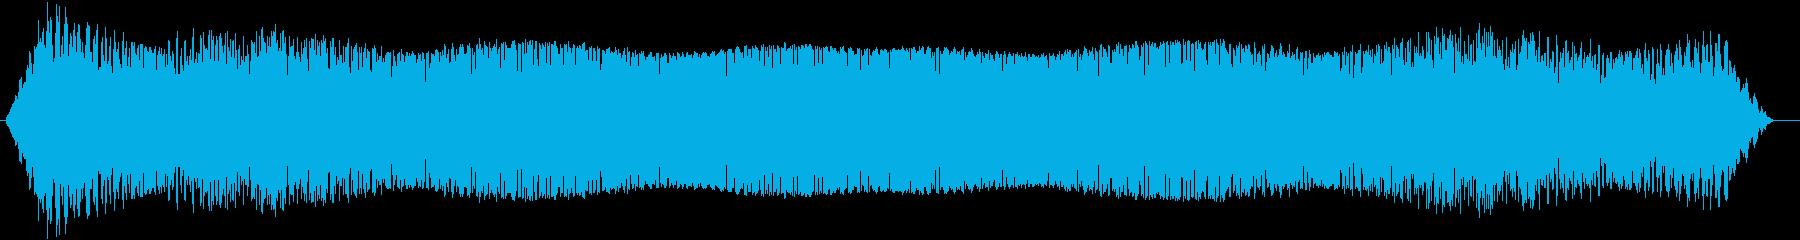 ファミコンの野球ゲームで球を打ち上げた音の再生済みの波形